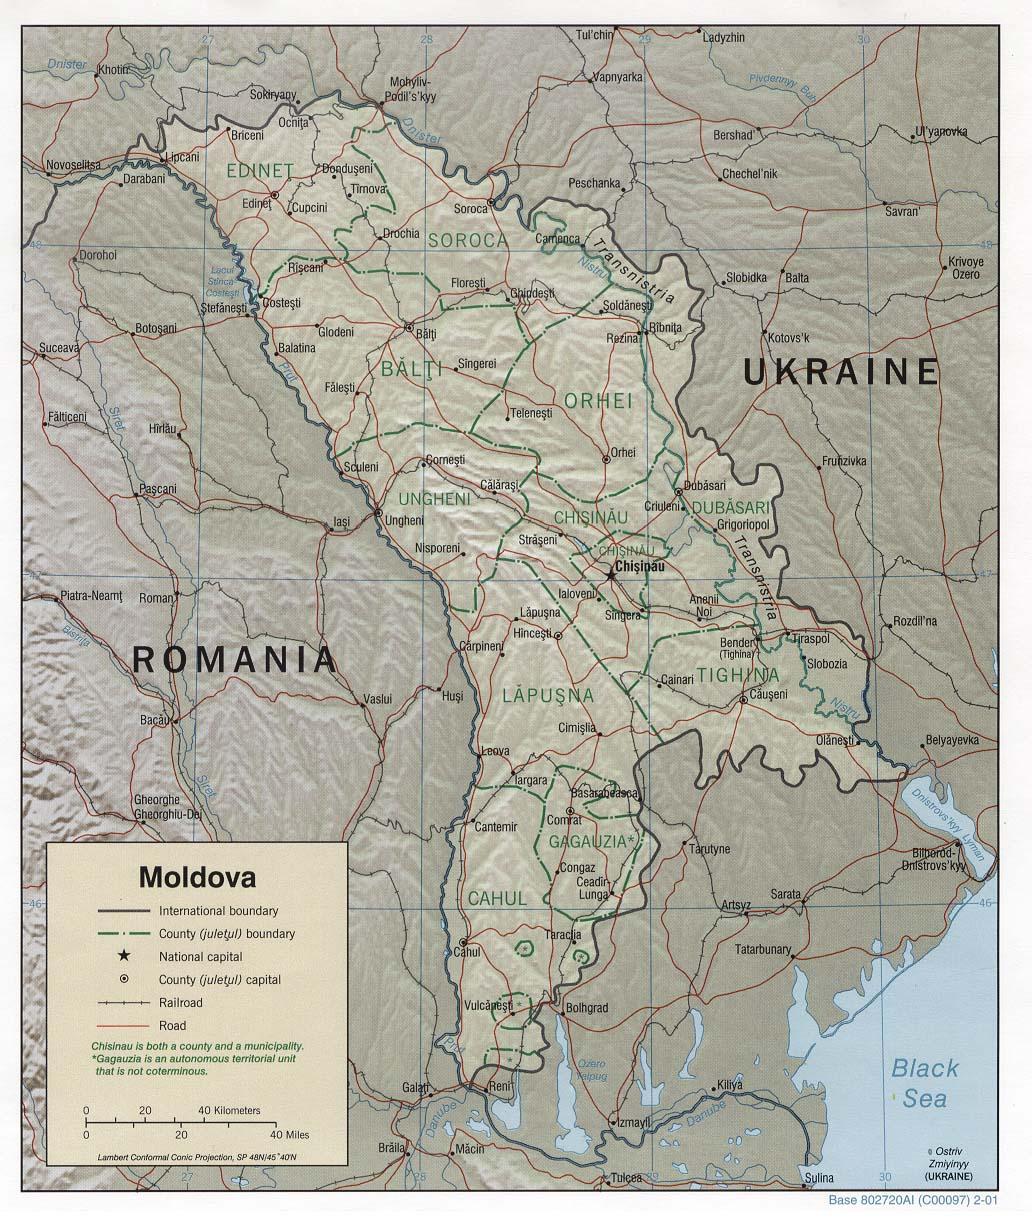 moldova_rel01.jpg